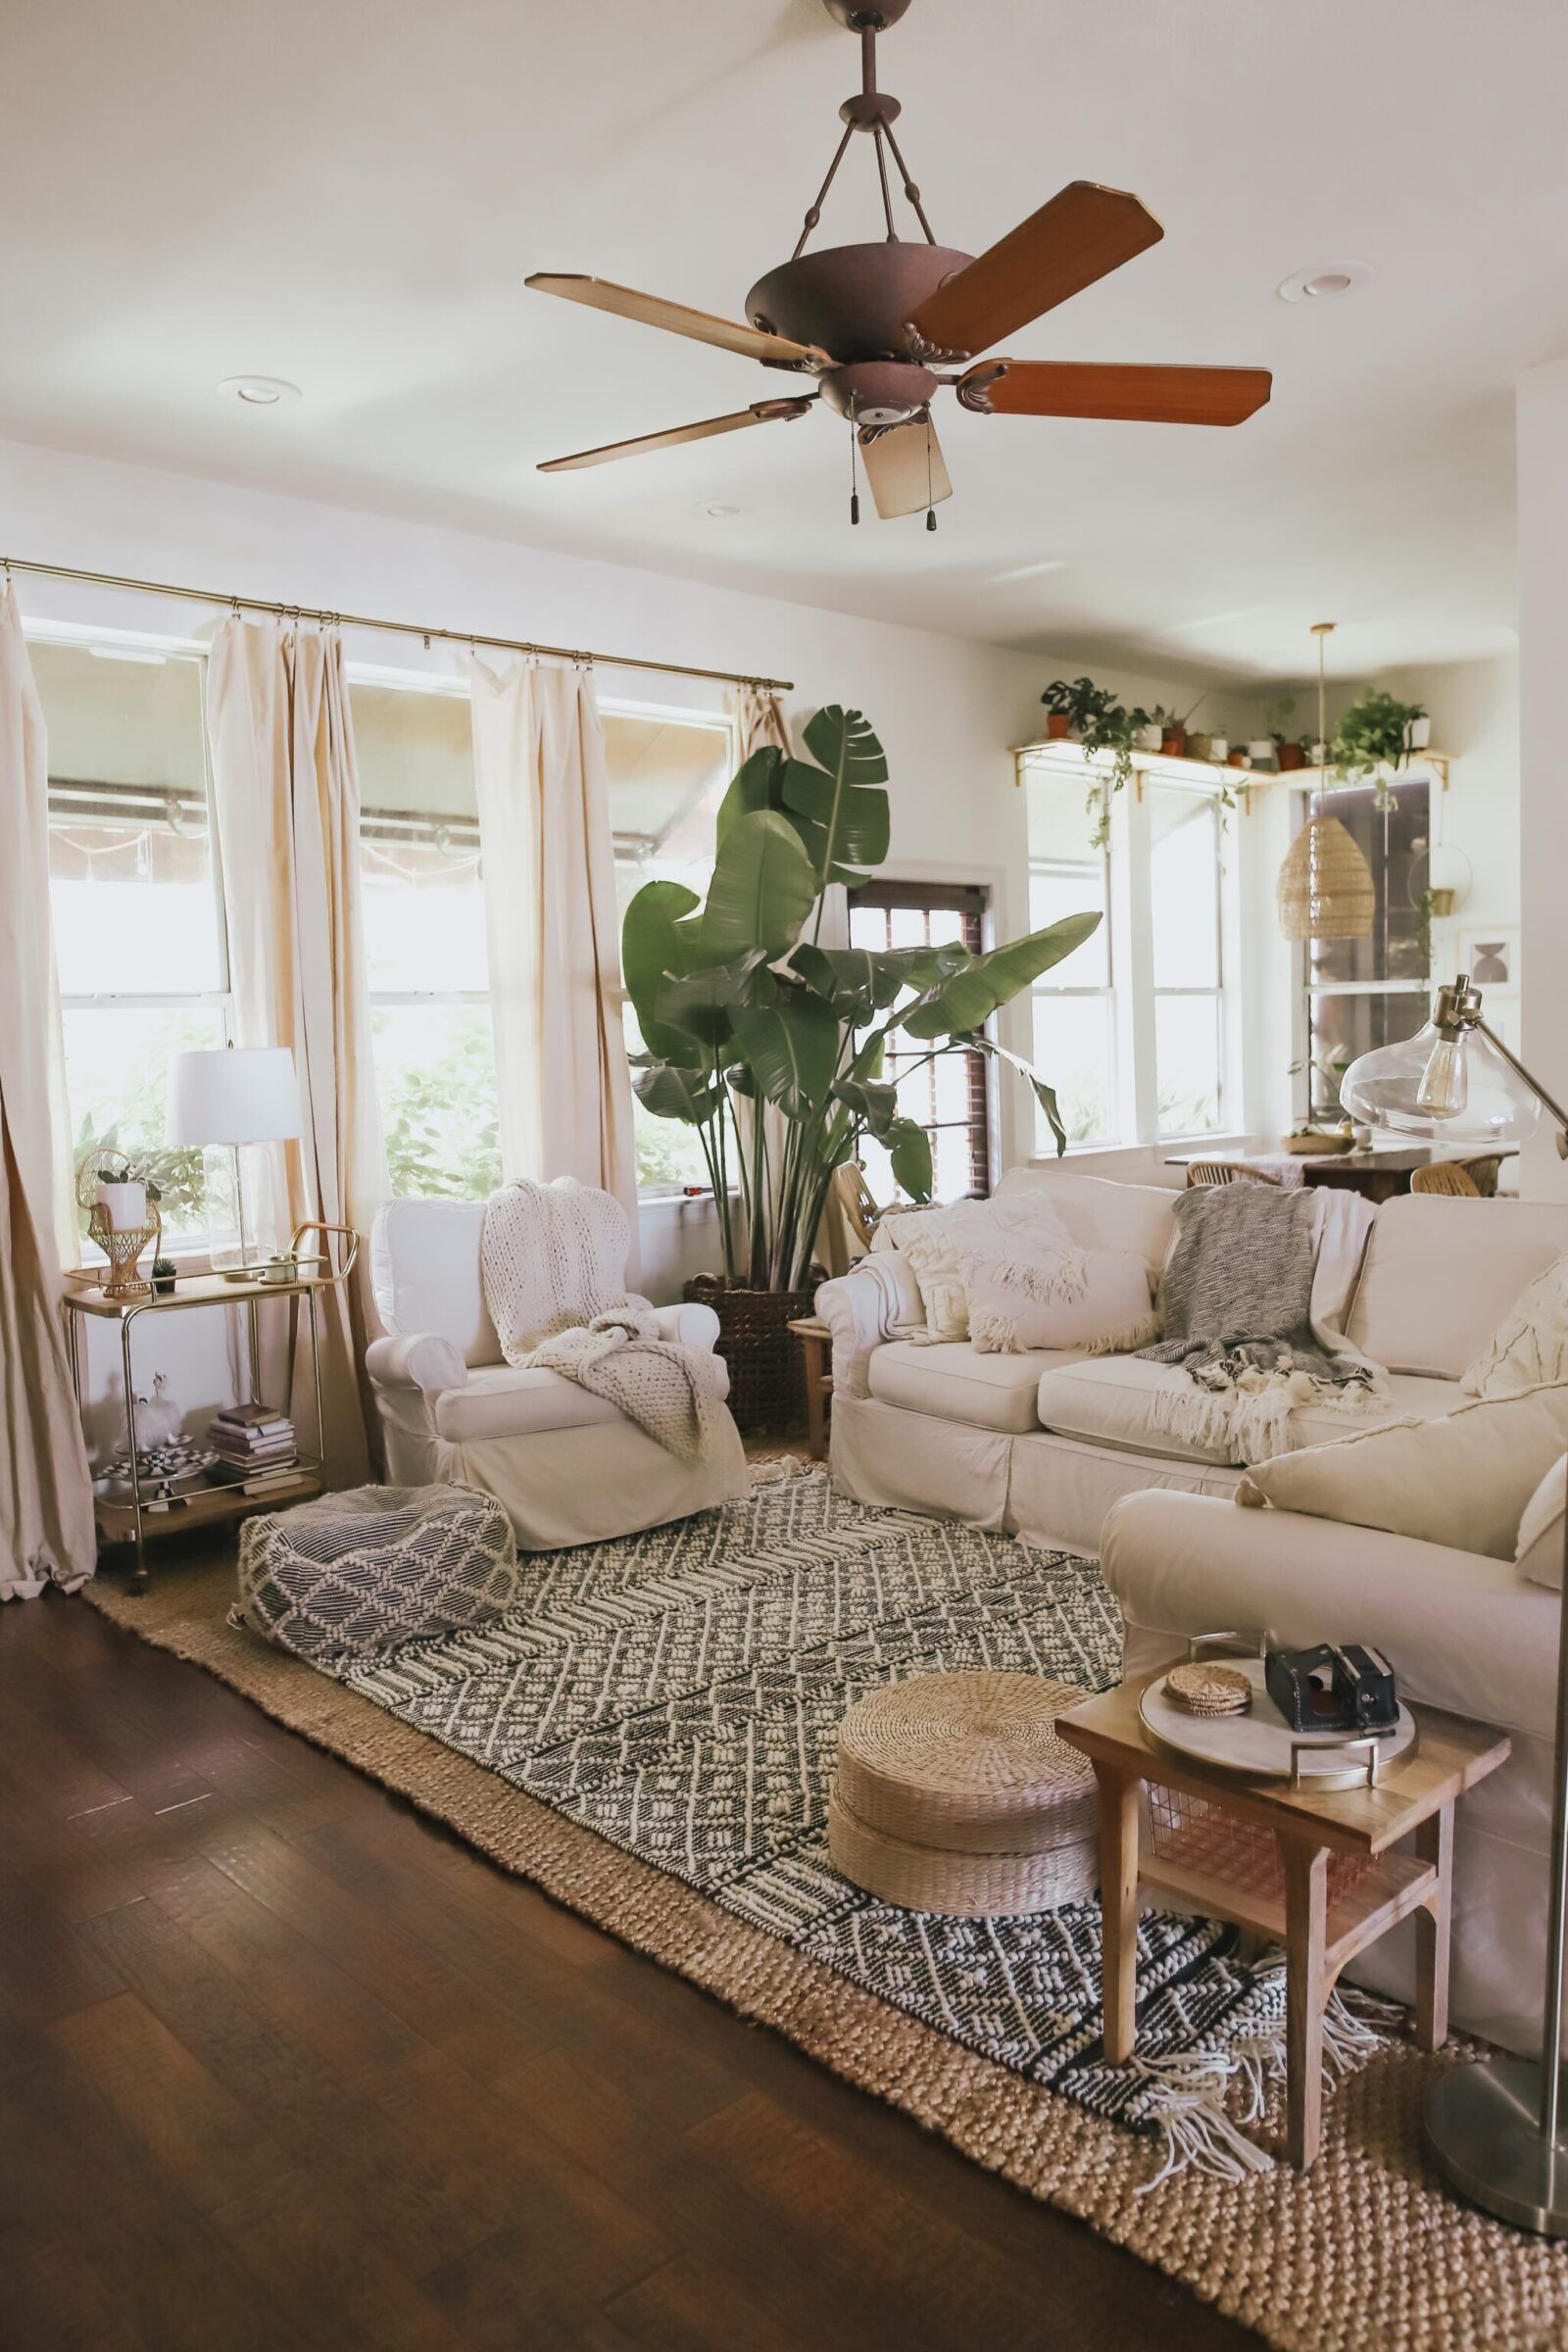 COZY, BOHO-CHIC LIVING ROOM IDEAS